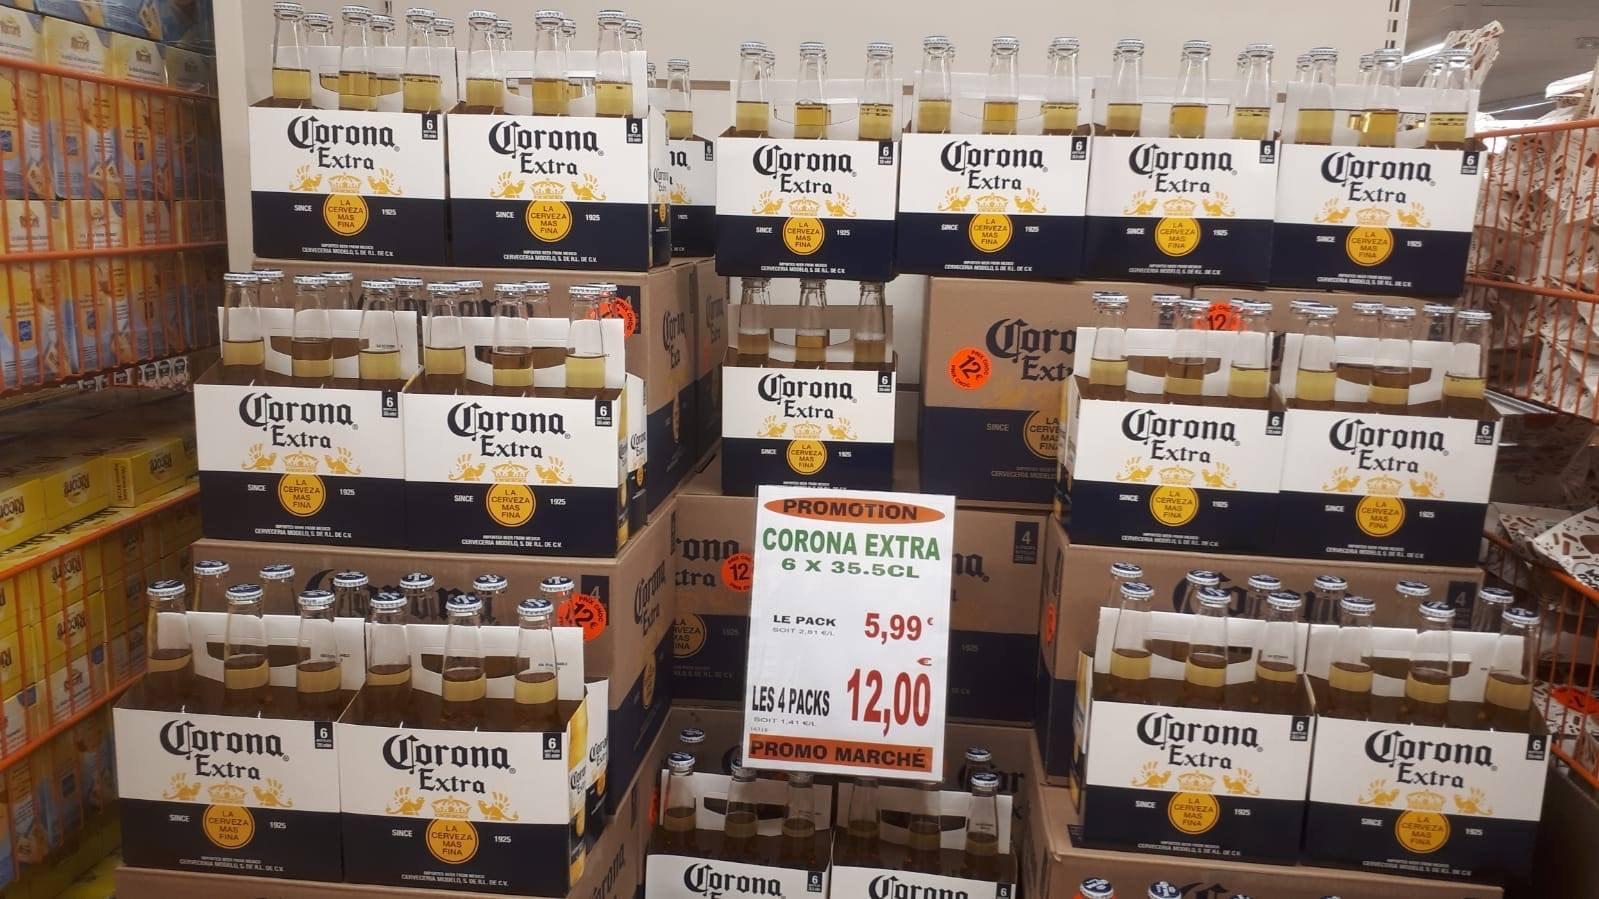 Pack de 24 Bières Corona Extra, 24x 35Cl - Promomarché de Bétheny Reims (51)